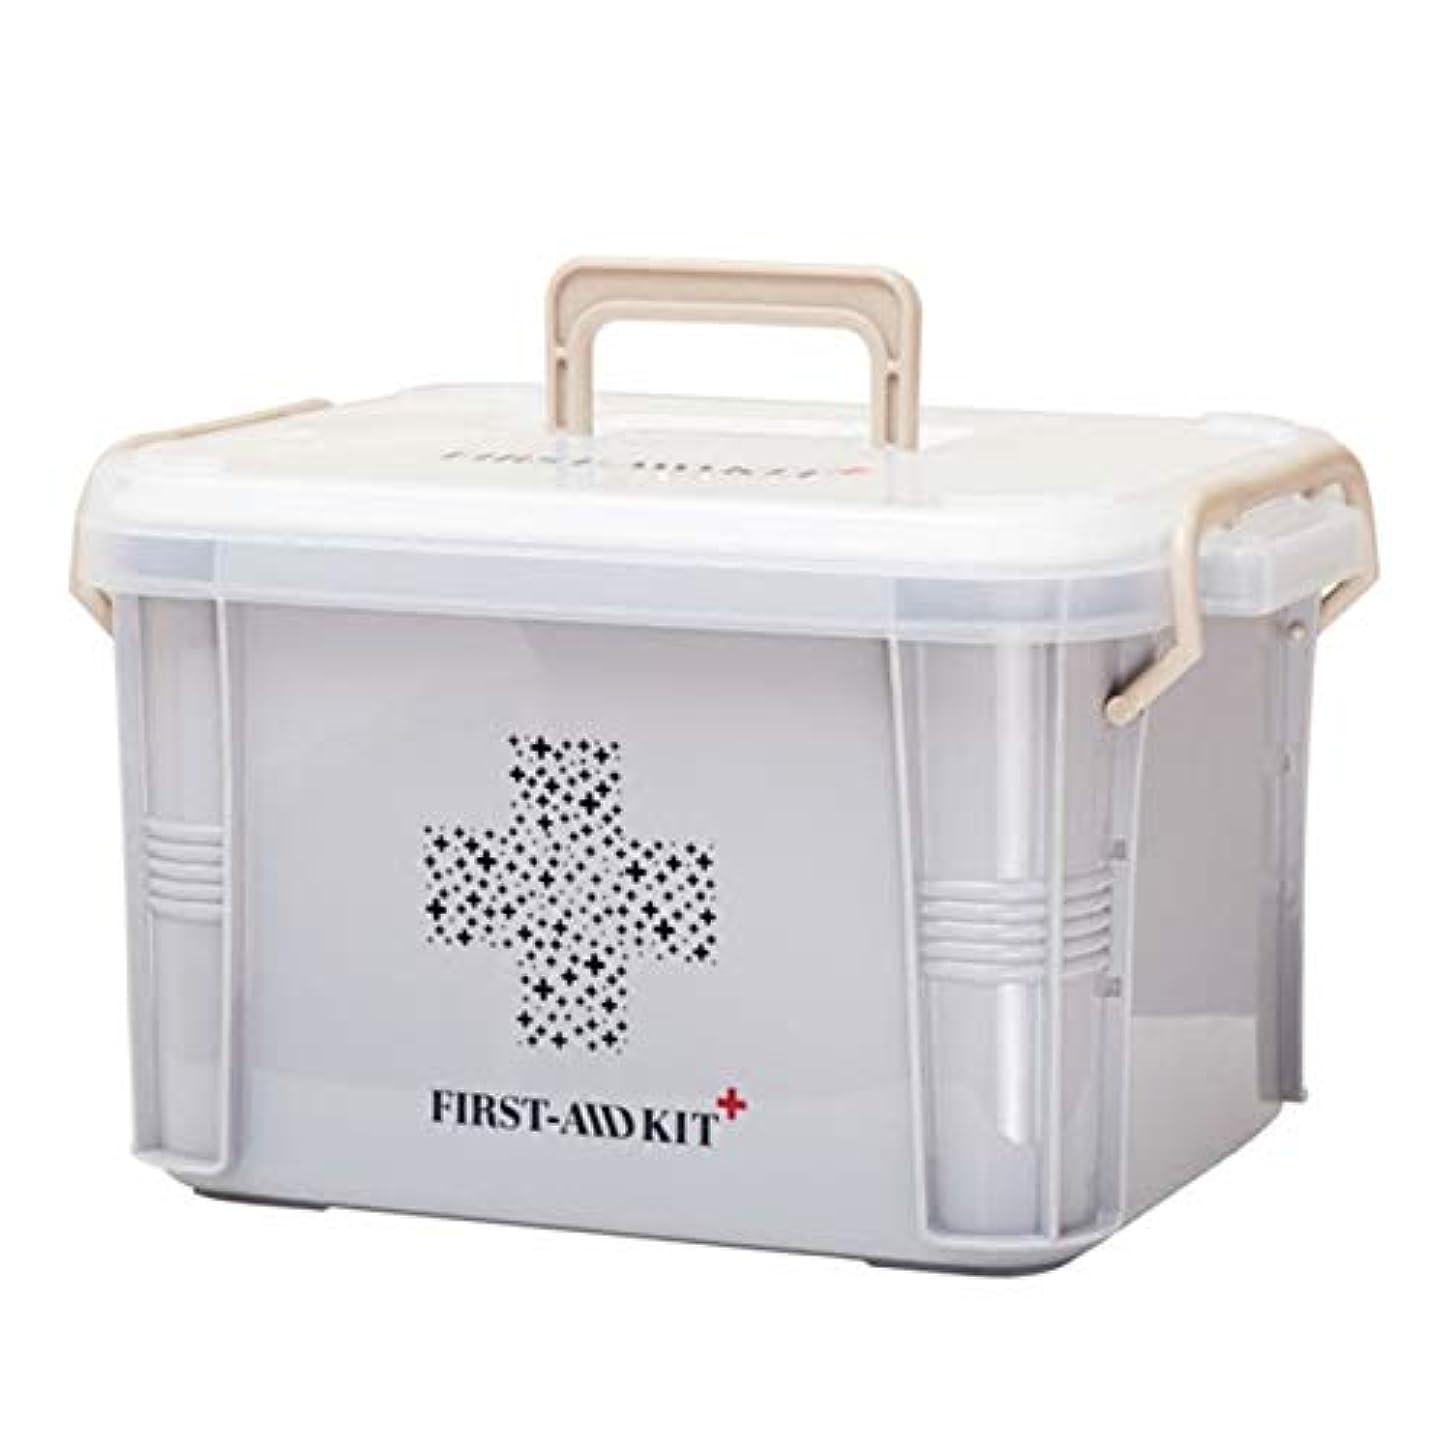 不定共同選択瞑想するSaikogoods 実用的なデザインホーム用薬箱ファーストエイドキットボックスプラスチック容器の救急キットポータブルストレージオーガナイザー グレー S